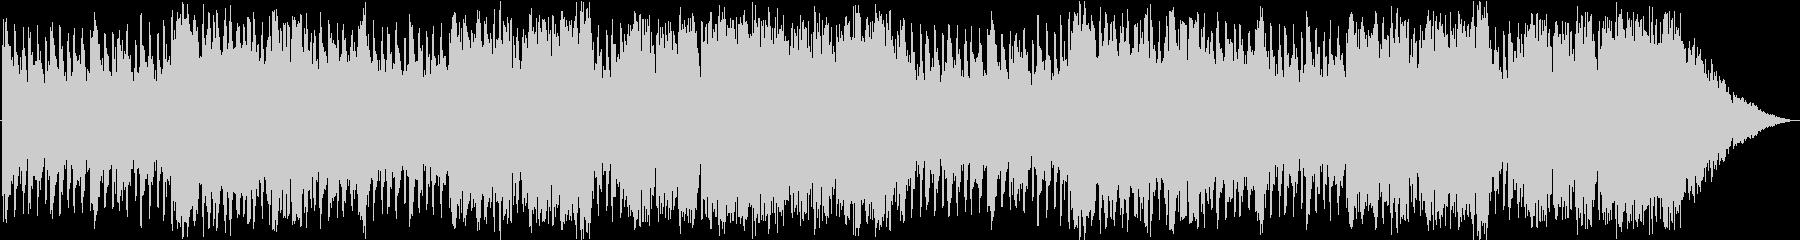 シミュレーションRPGの戦況報告シーンの未再生の波形